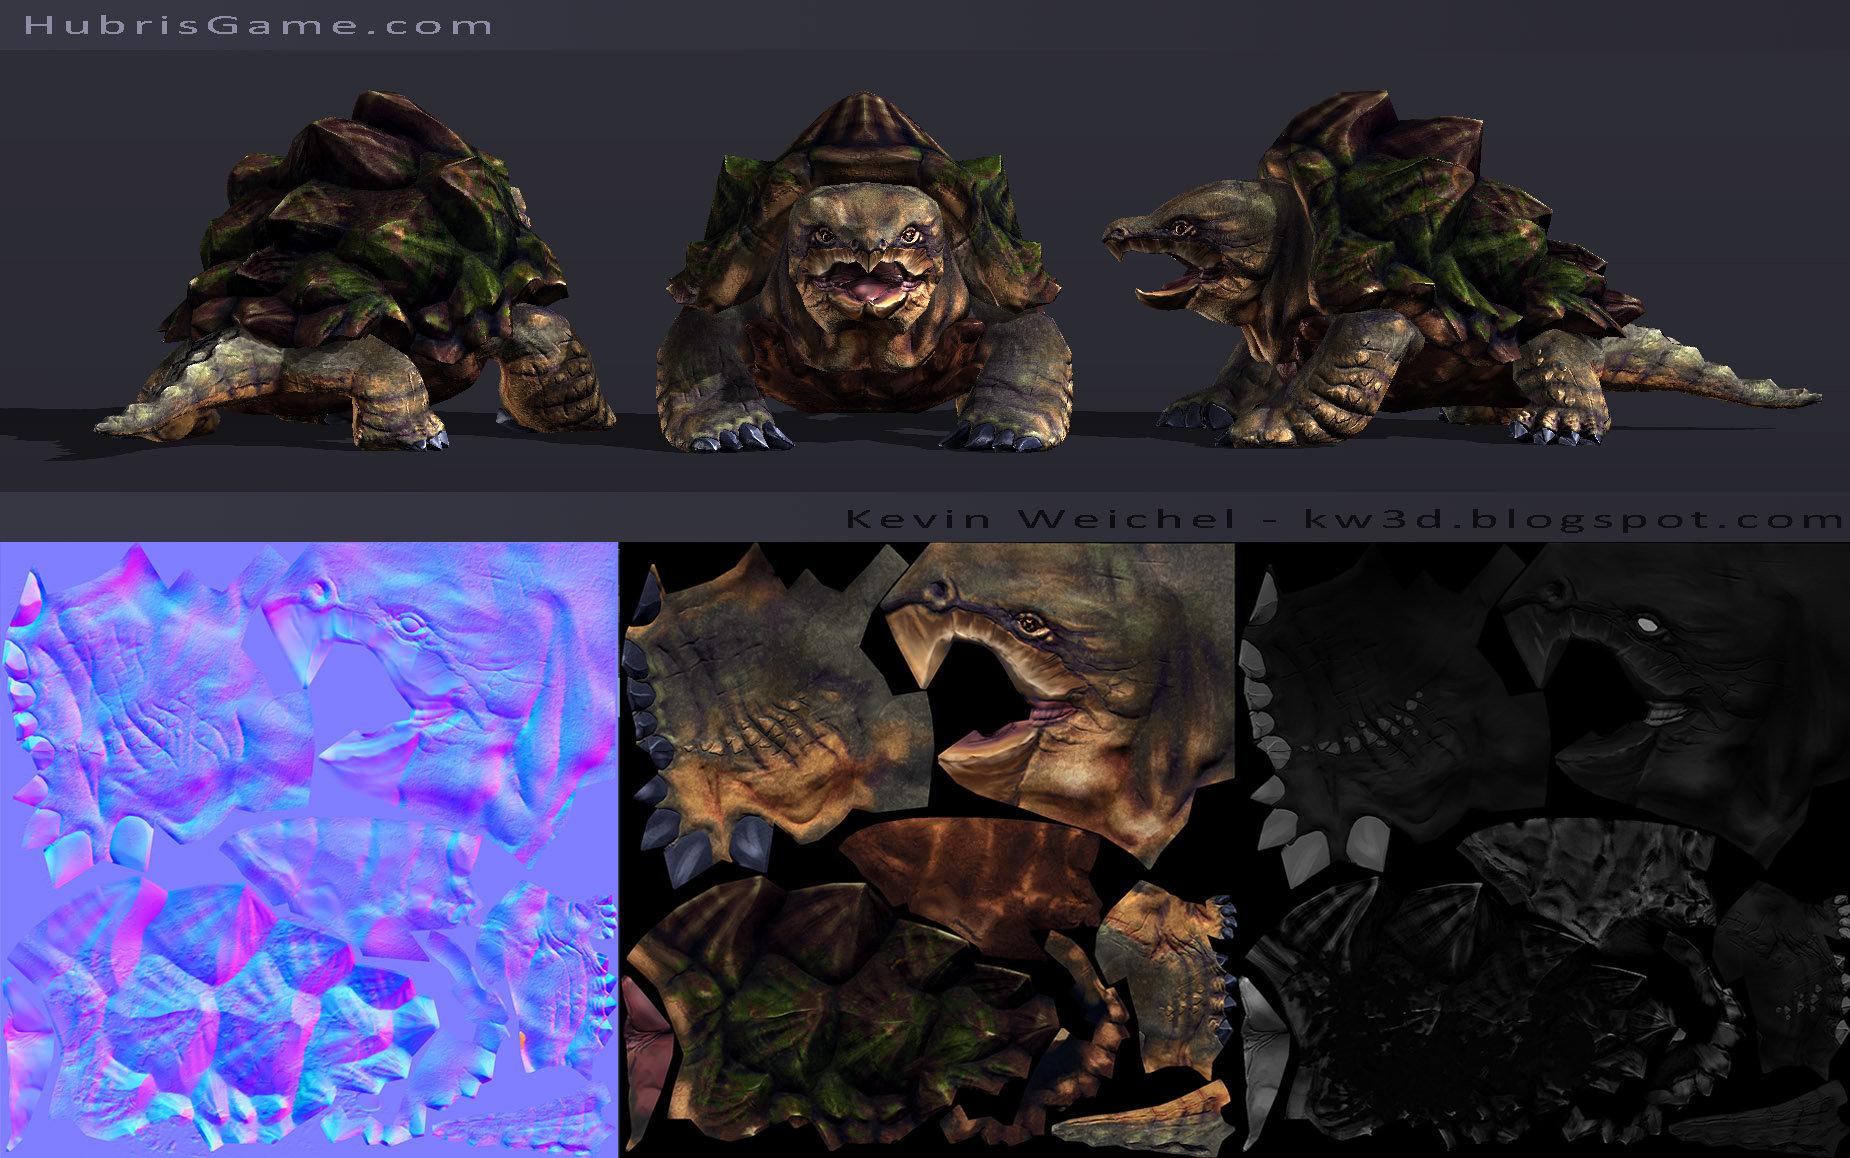 Kevin weichel turtletexturesheets